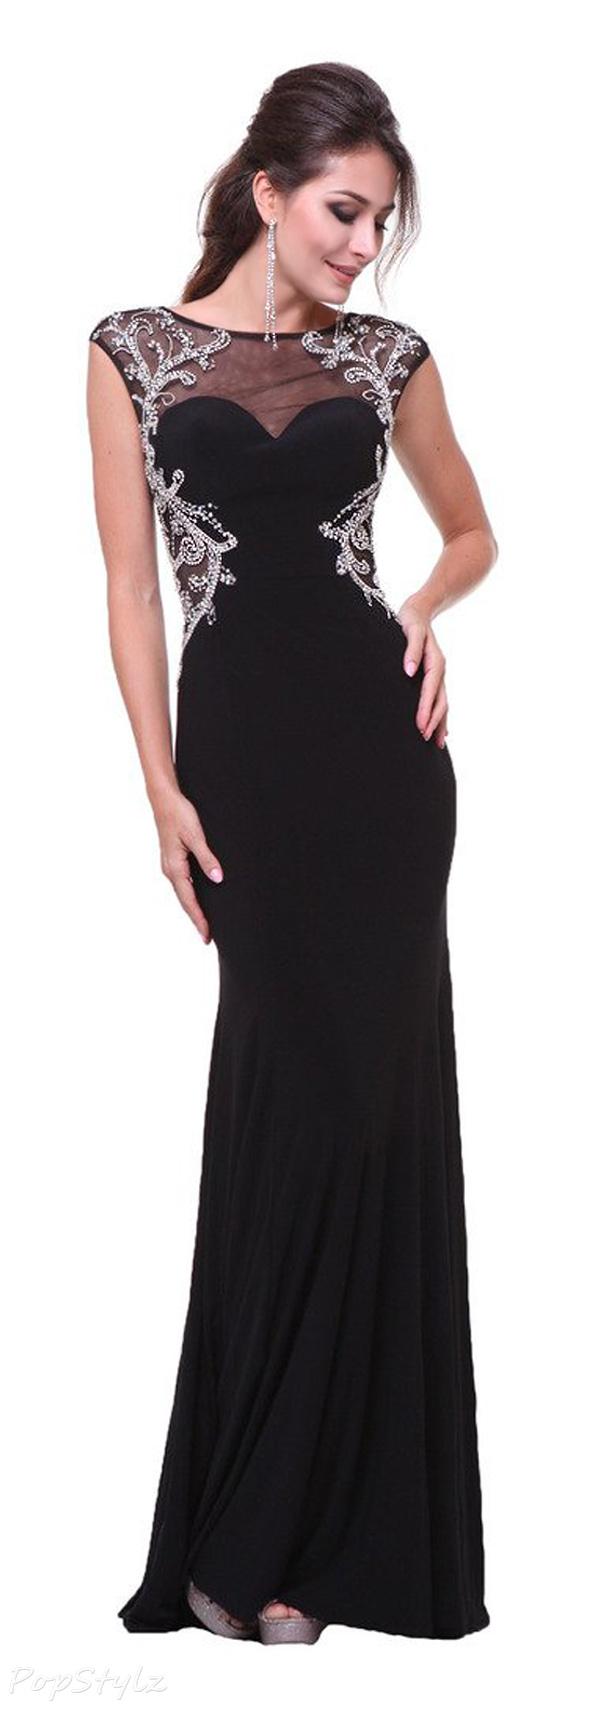 Meier Cap Sleeve Rhinestone Open Back Formal Dress